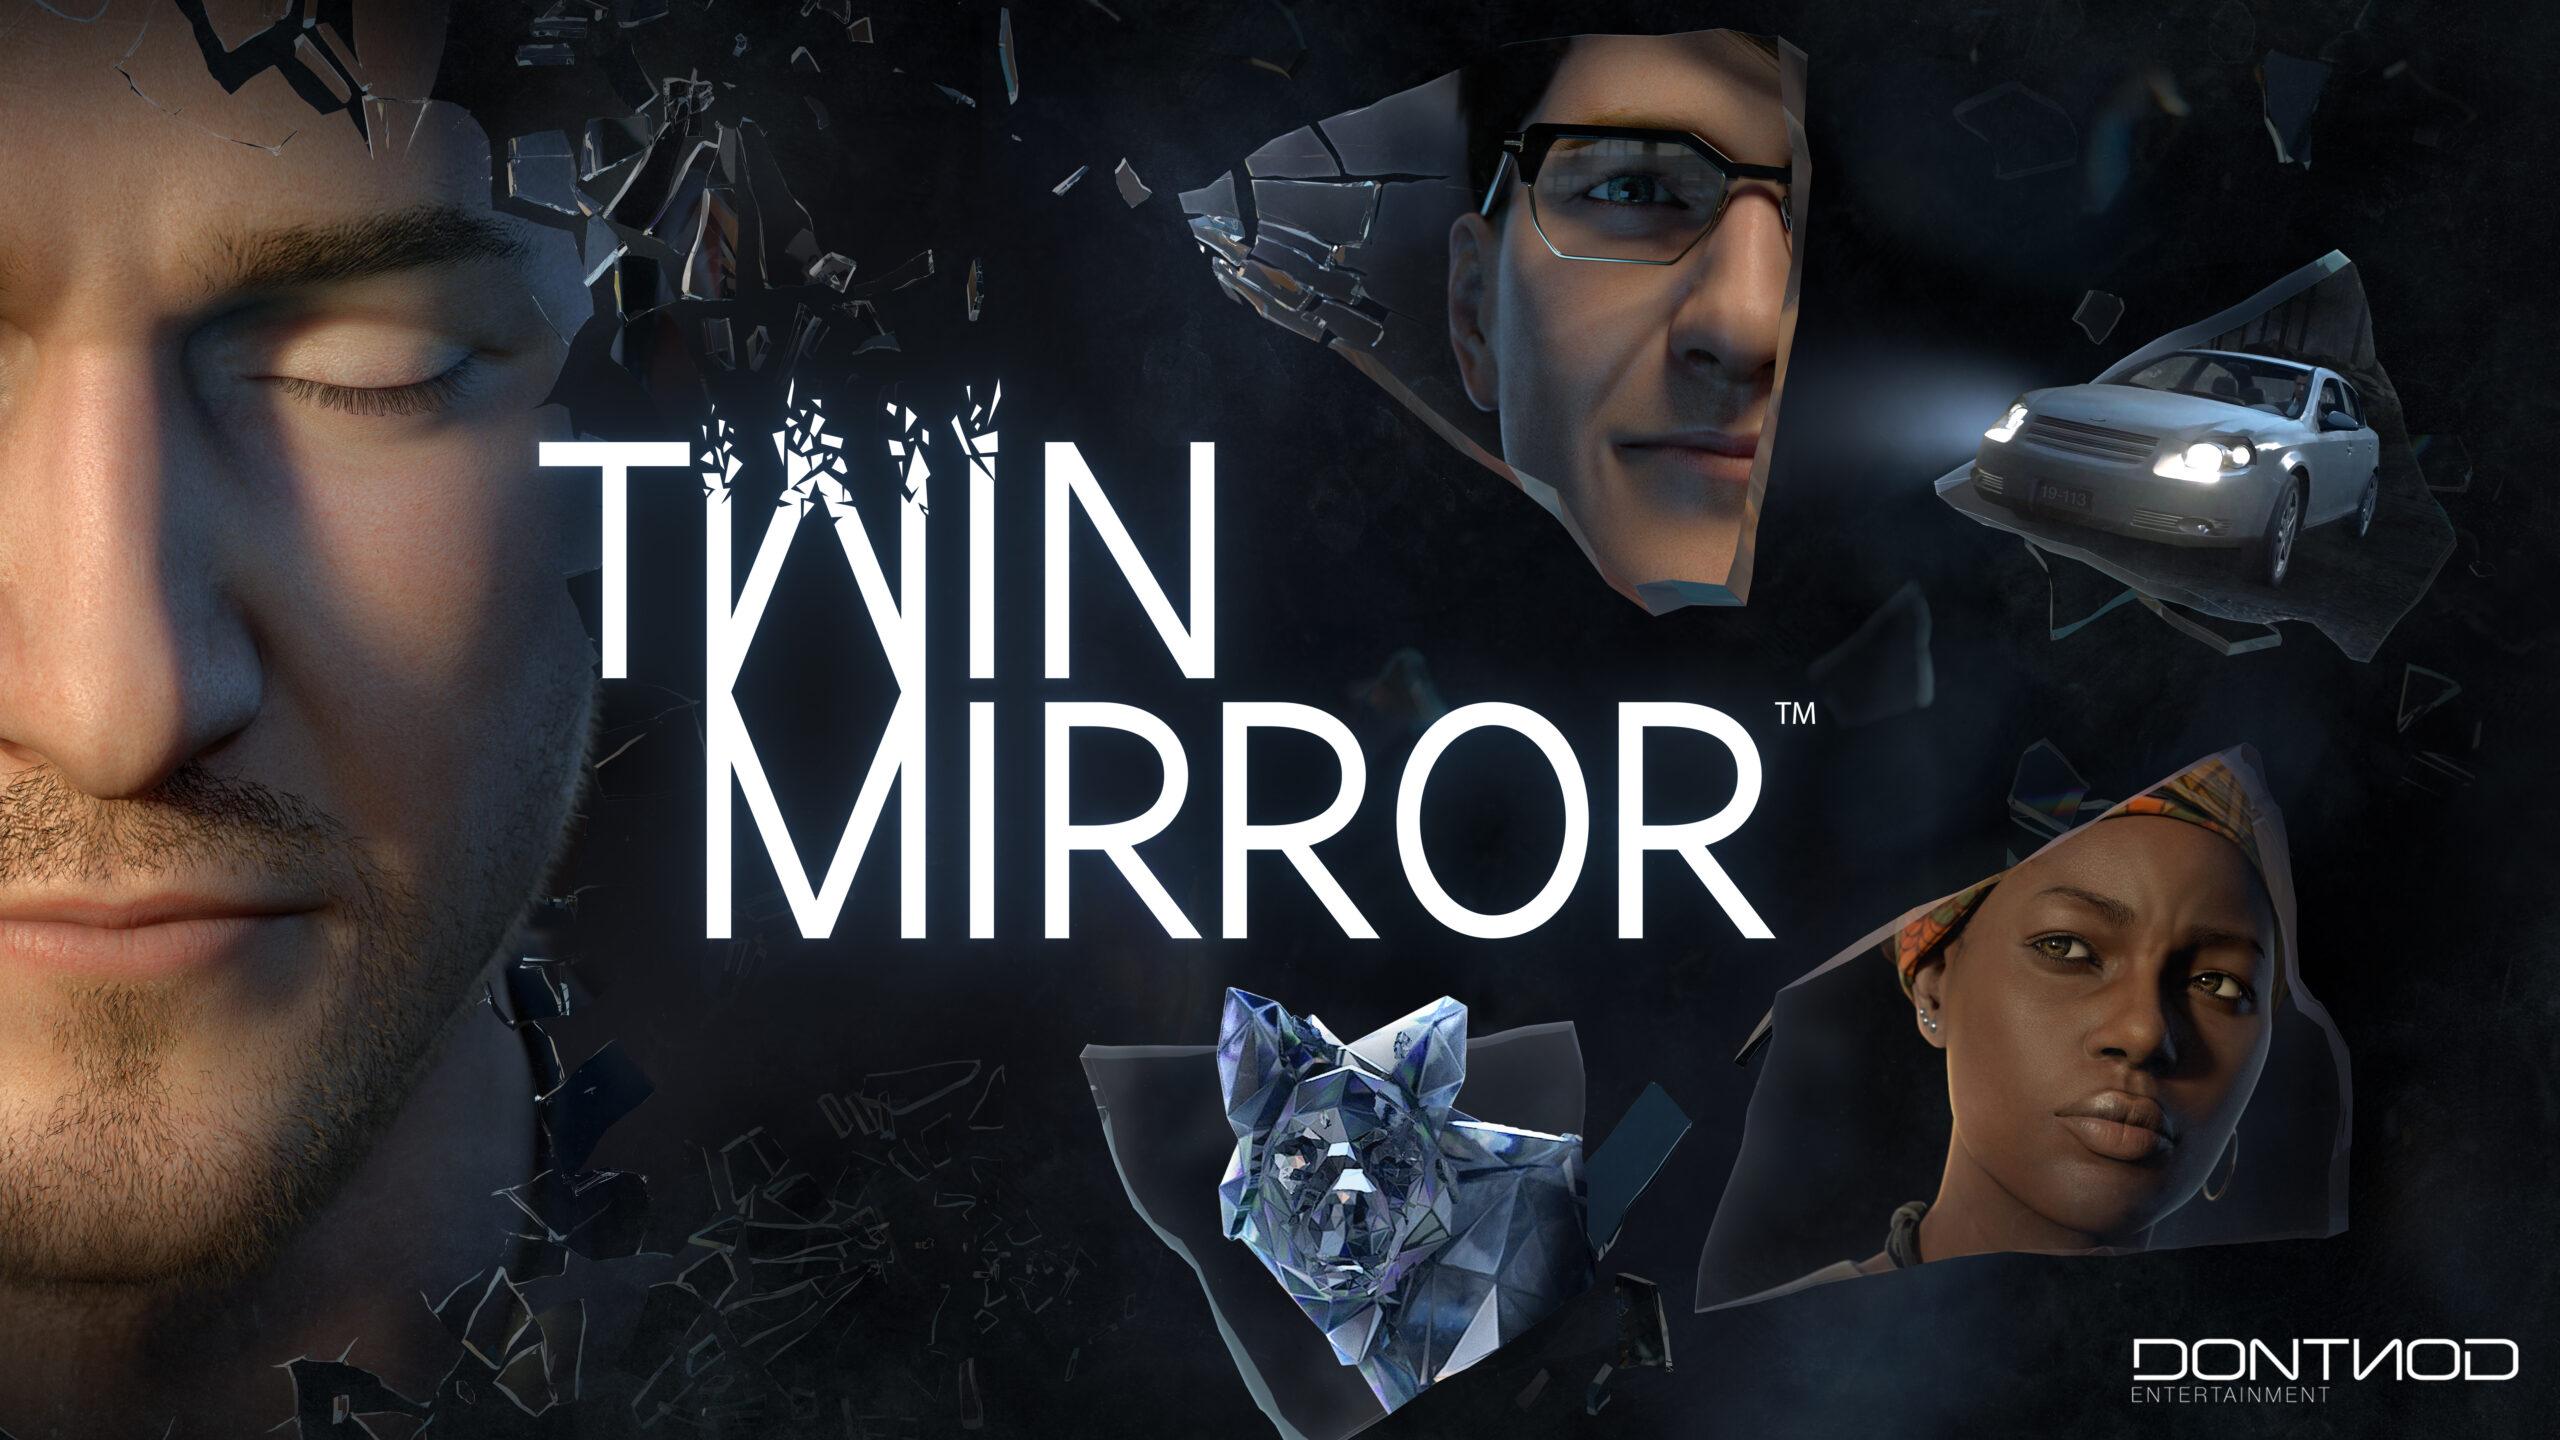 Twin-Mirror_2020_06-13-20_005